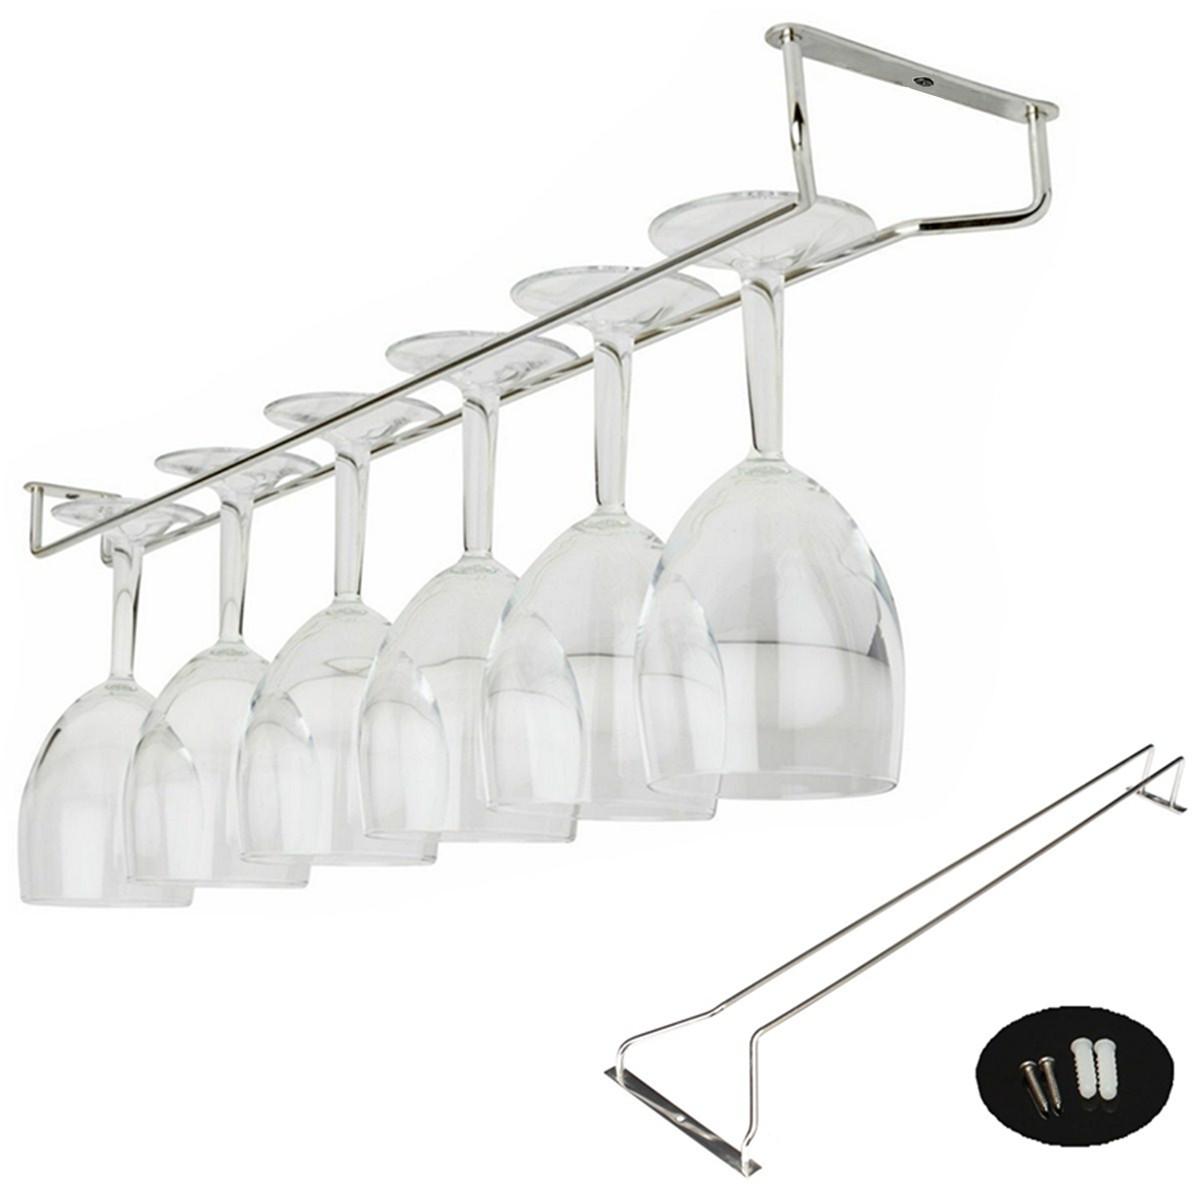 55CM Wine Champagne Goblet Glass Hanger Hanging Holder Hanging Rack